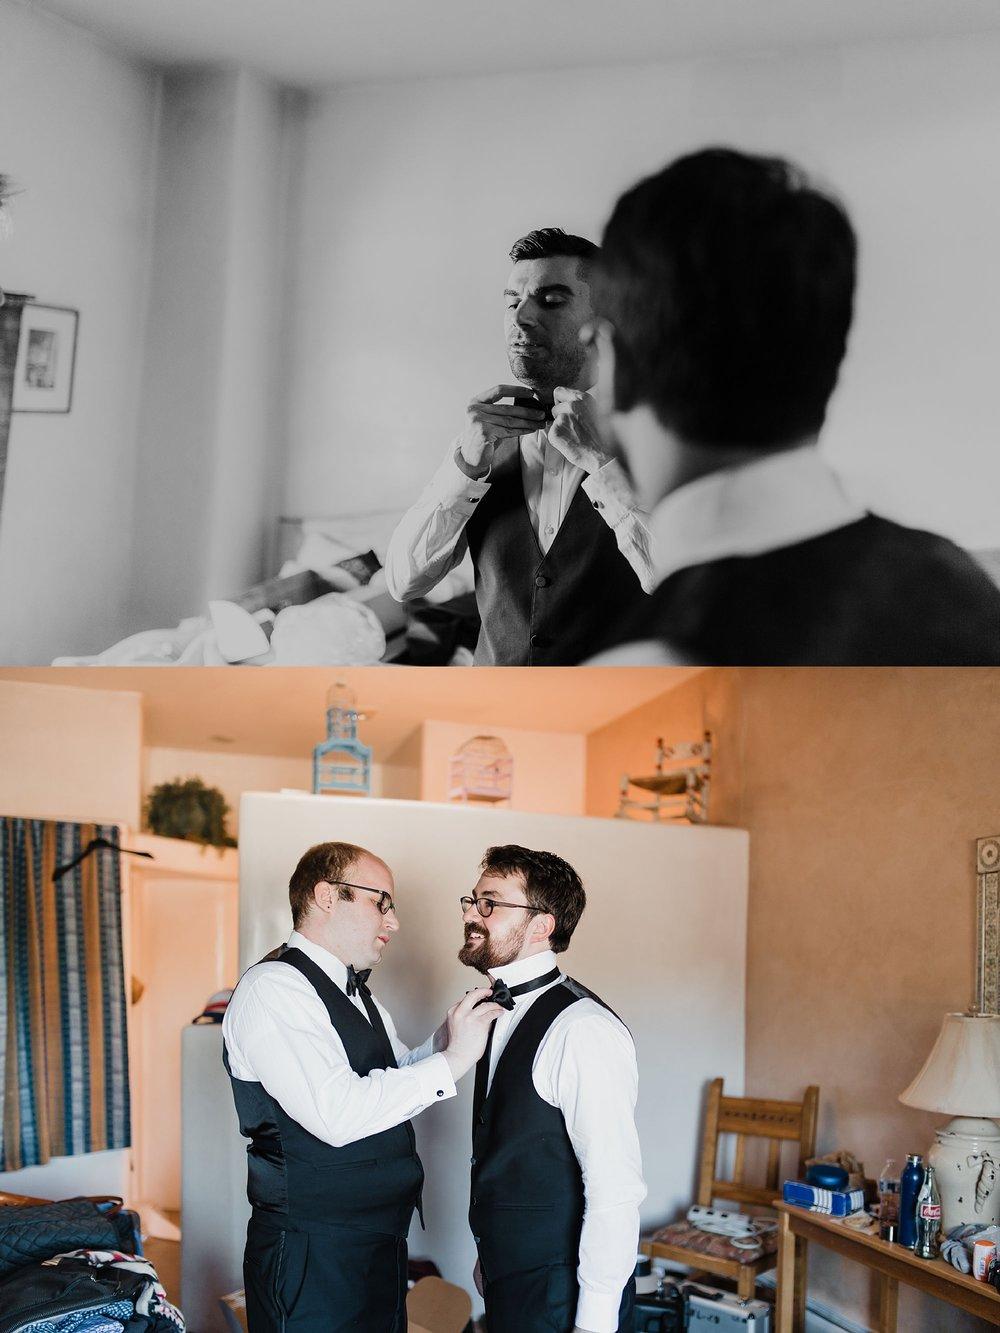 Alicia+lucia+photography+-+albuquerque+wedding+photographer+-+santa+fe+wedding+photography+-+new+mexico+wedding+photographer+-+new+mexico+wedding+-+engagement+-+santa+fe+wedding+-+hacienda+dona+andrea+-+hacienda+dona+andrea+wedding_0013.jpg